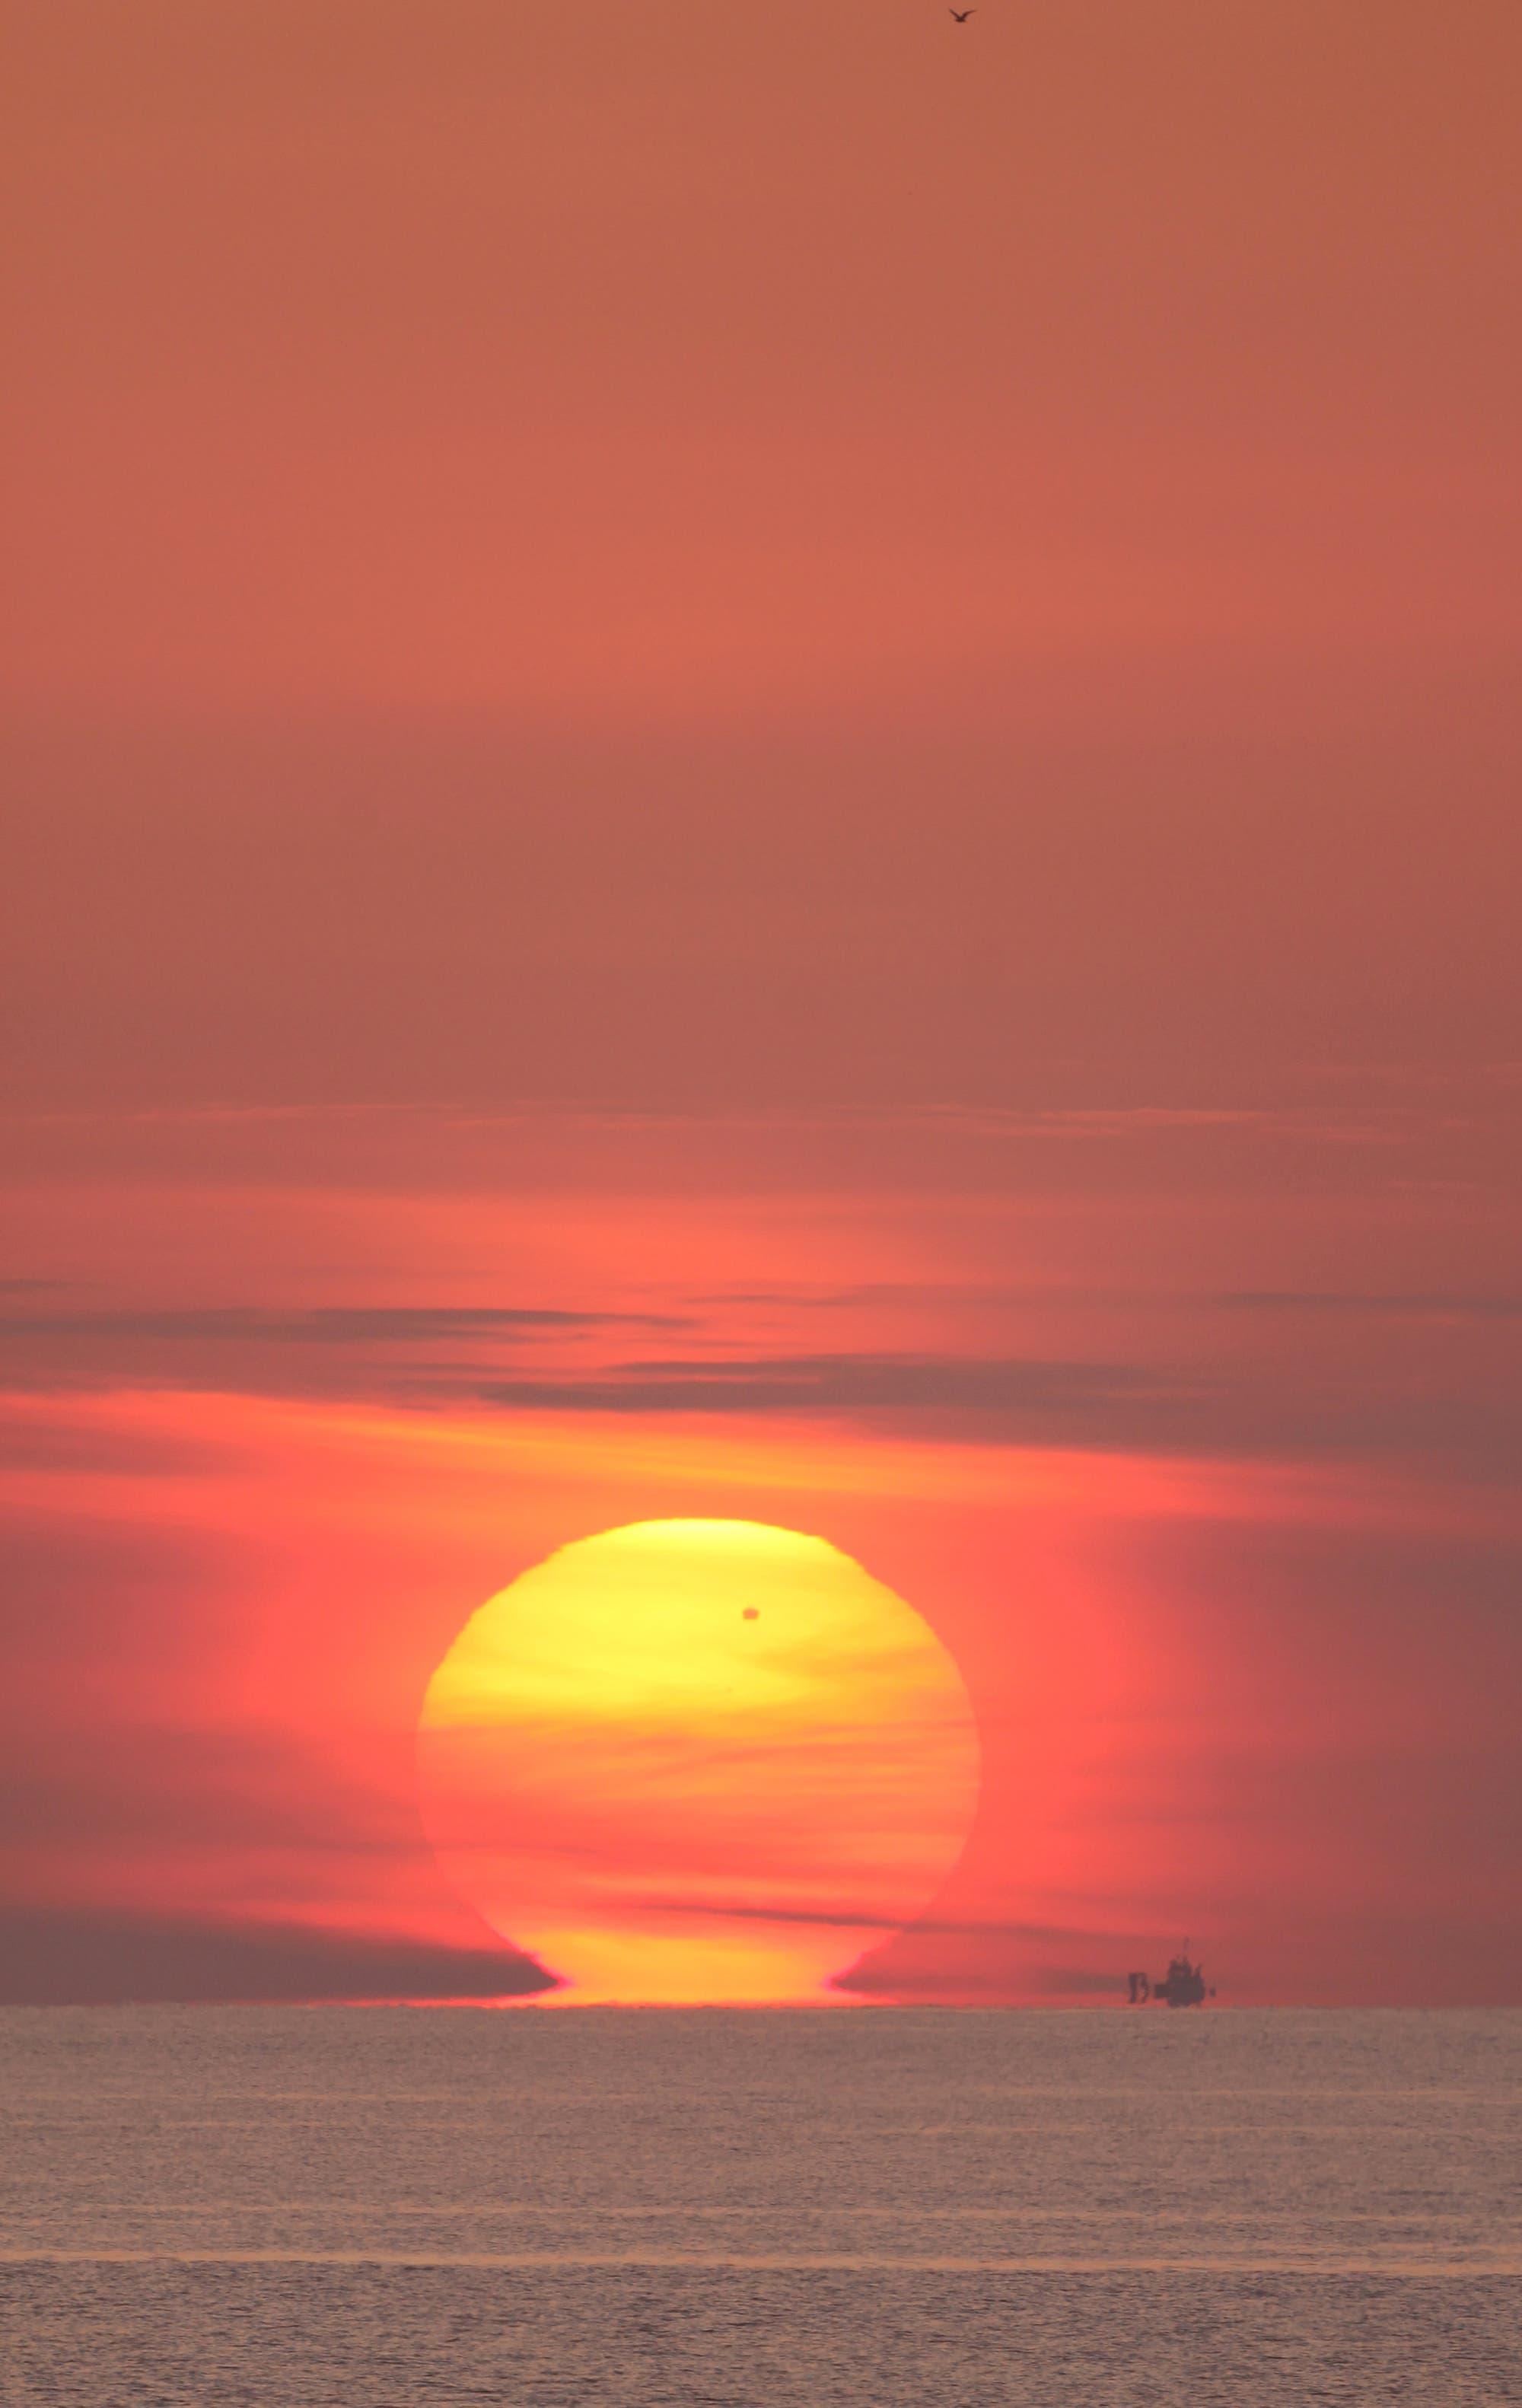 Sonnenaufgang mit Venustransit